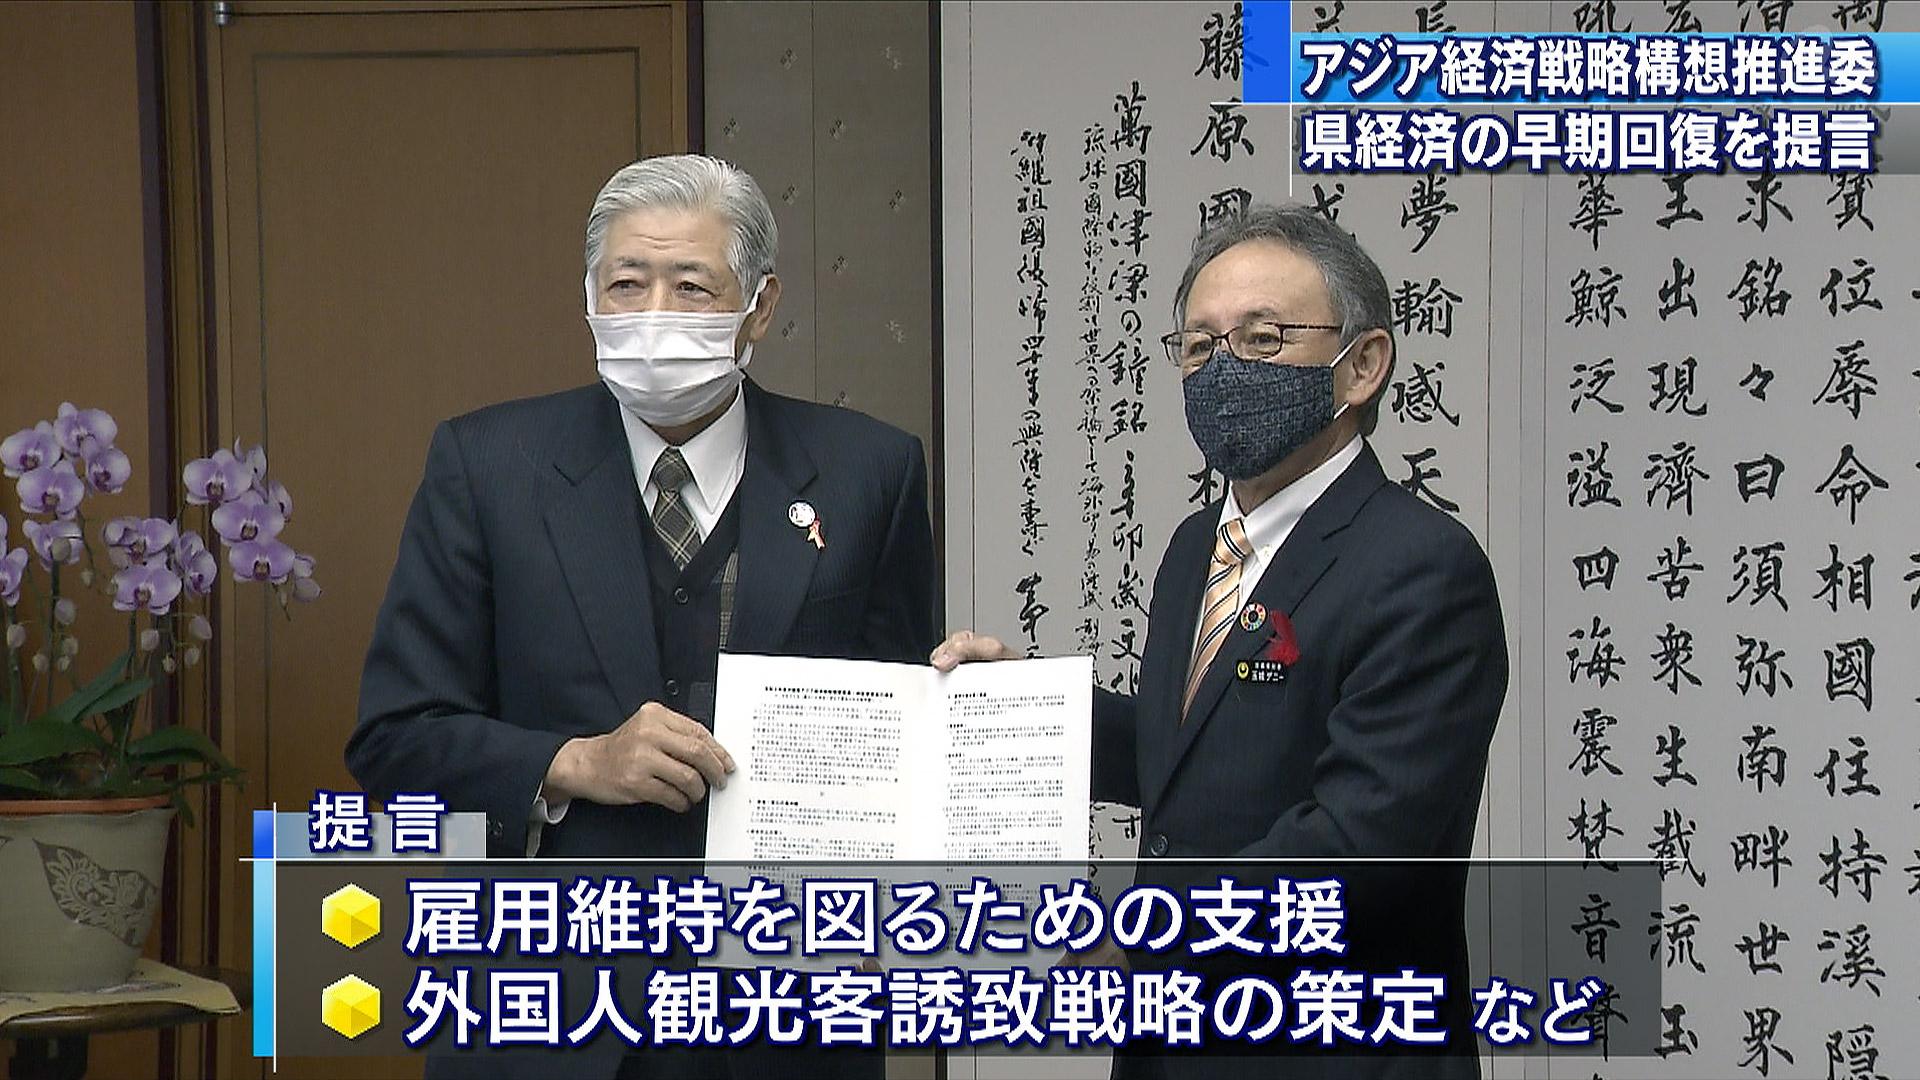 県アジア経済戦略構想推進で知事に提言